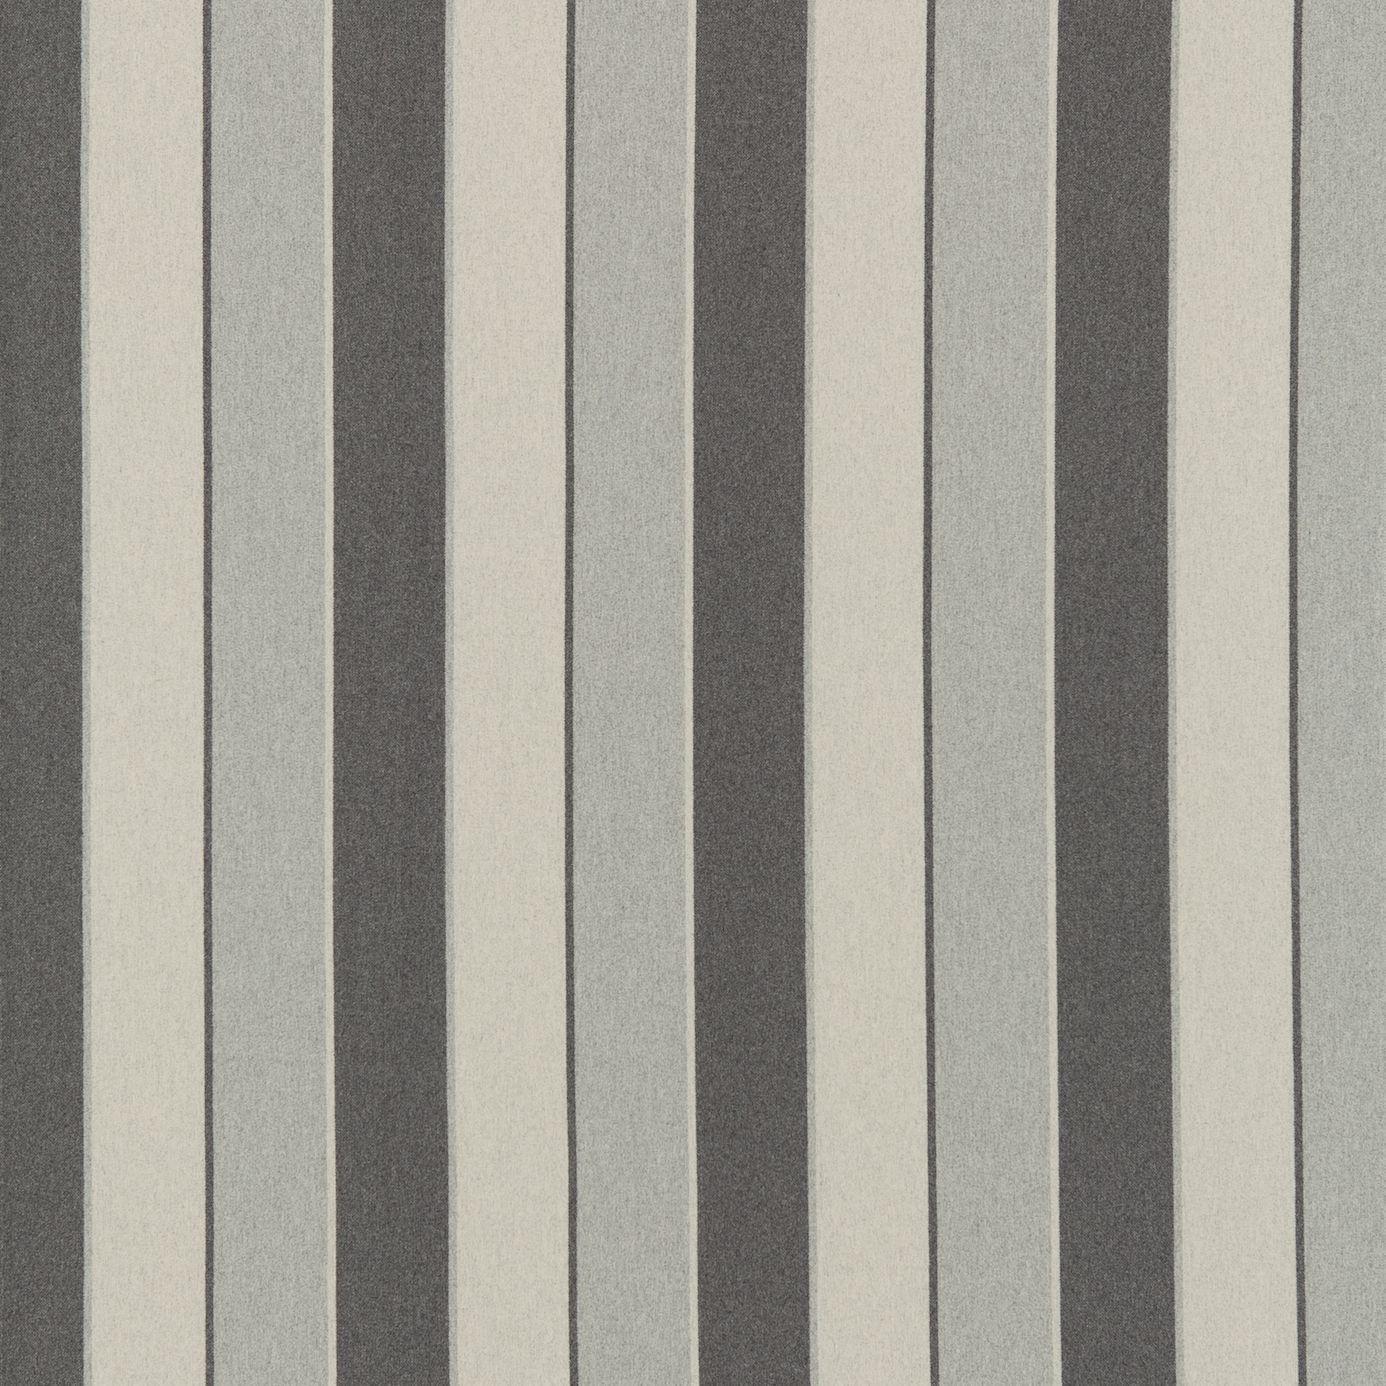 Roman Blinds In Remi Stripe Grey 130287 Harlequin